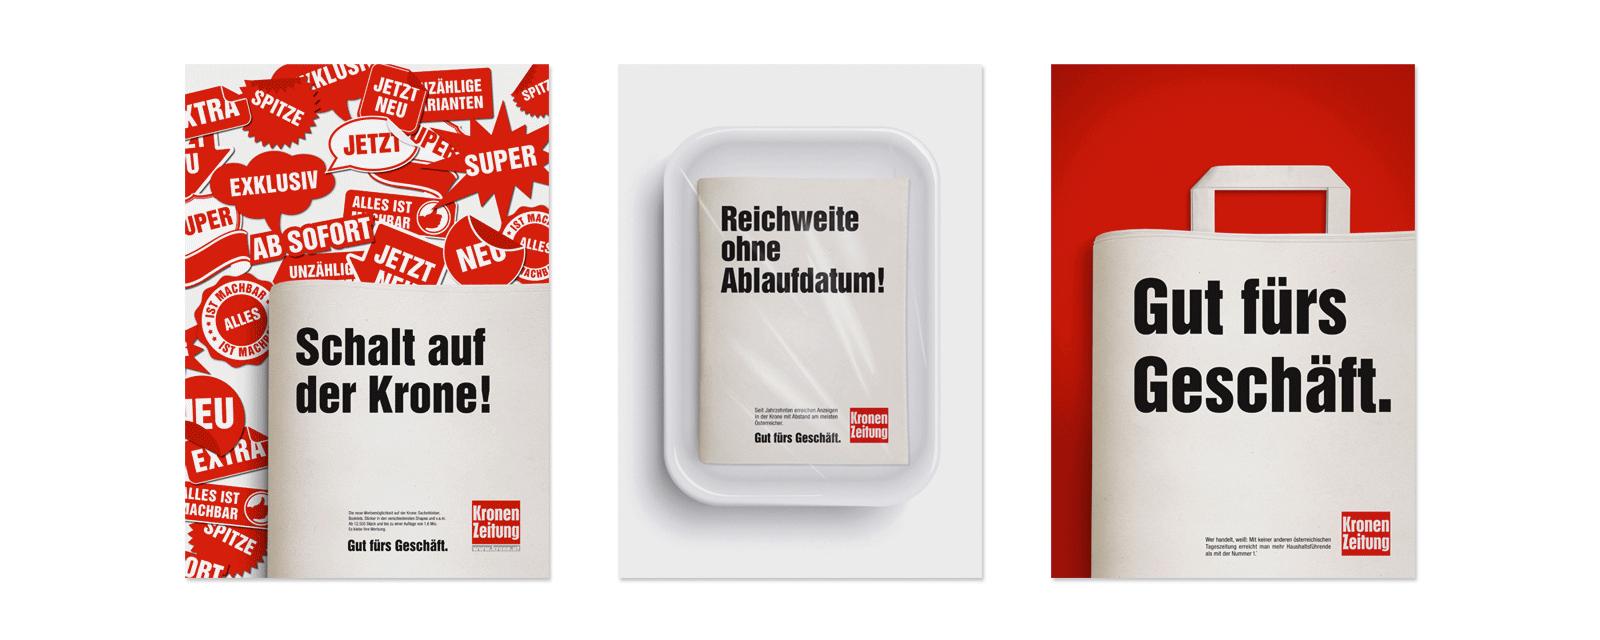 Kronen Zeitung - Anzeigen